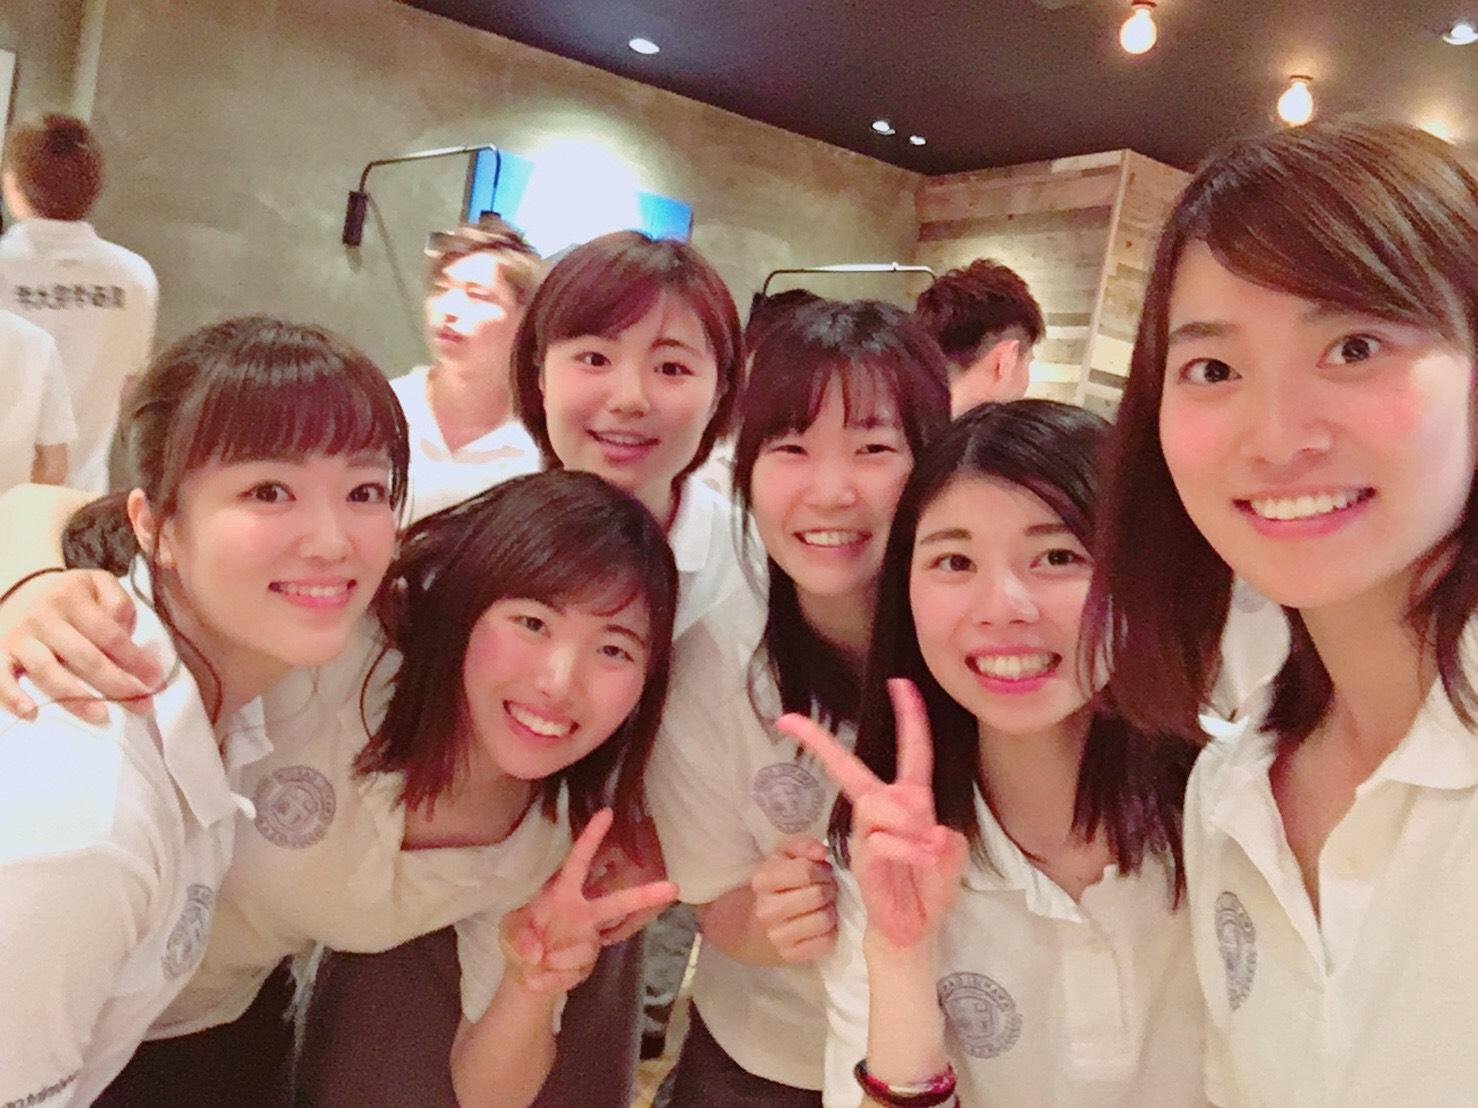 新歓での一枚。4回の岩崎さん、蘭さん、重信さんはじめ、おば…お姉さん集団